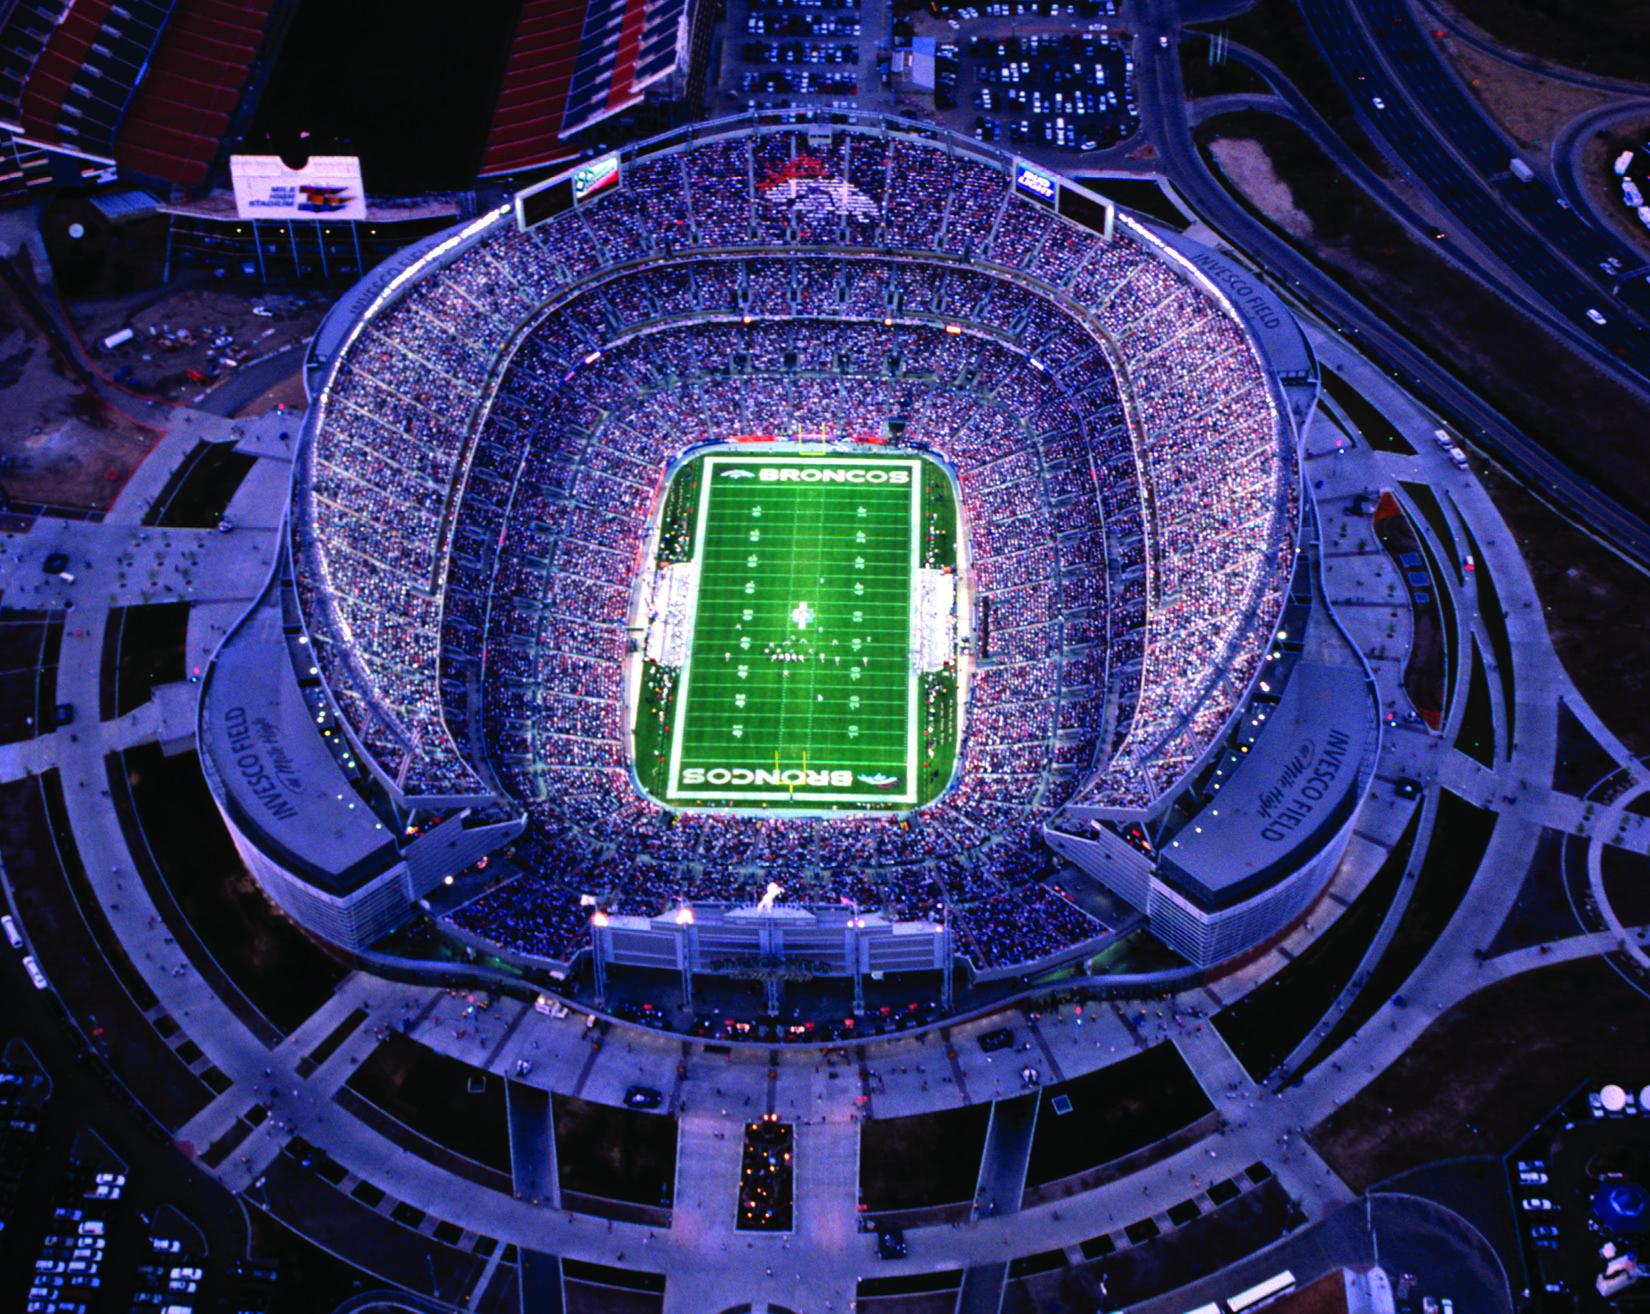 01 Broncos Stadium